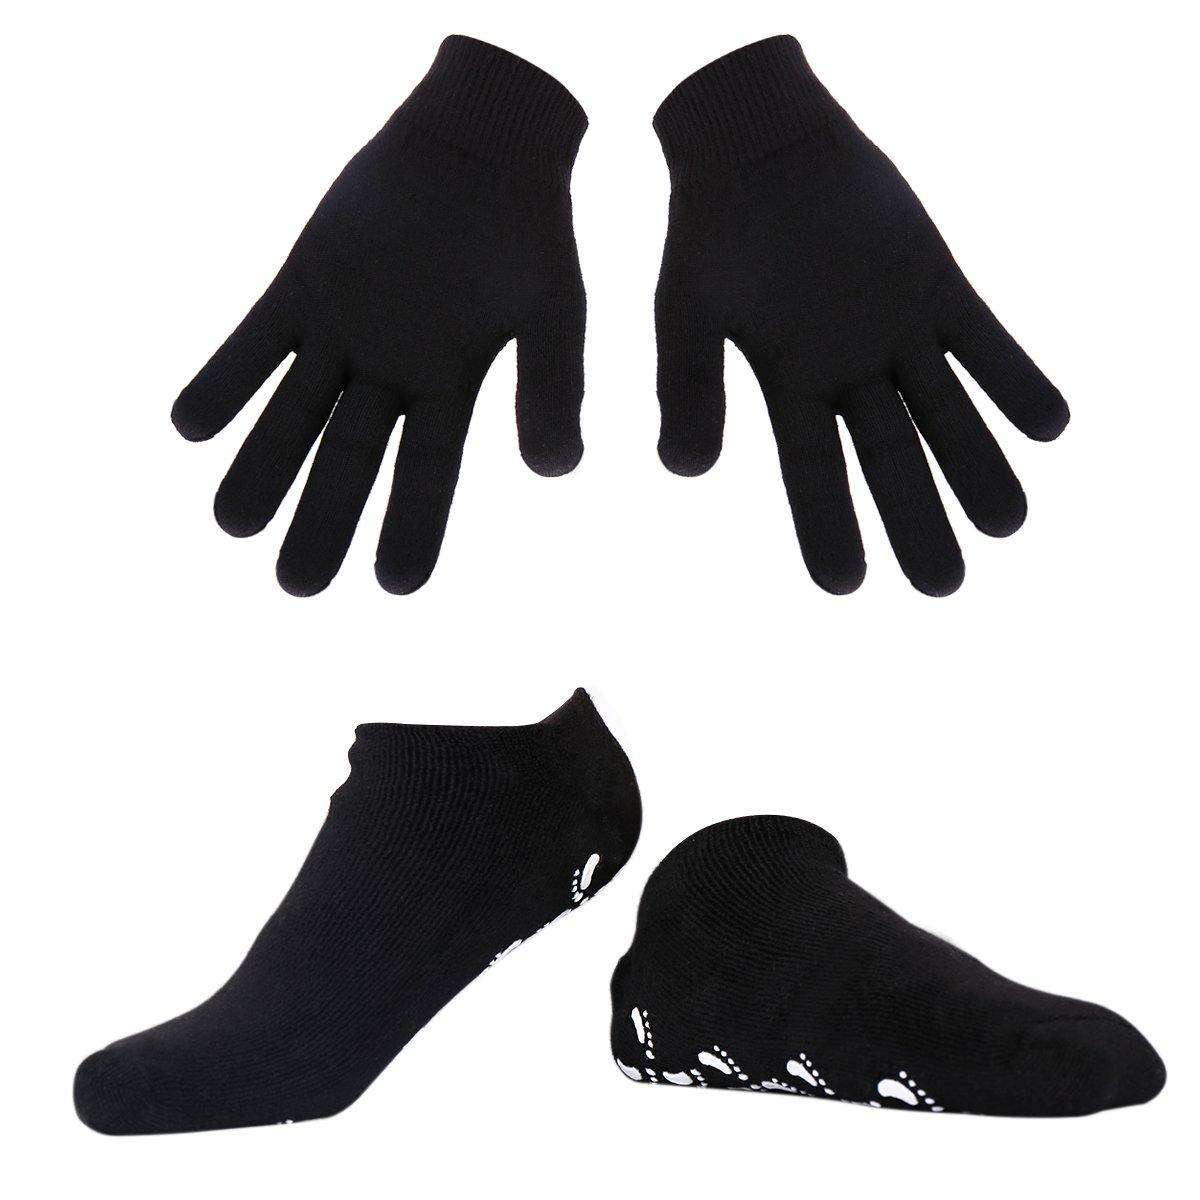 Spa Gel Hidratantes Guantes y calcetines soften Fur seca Harte rissige piel (Black) Happon